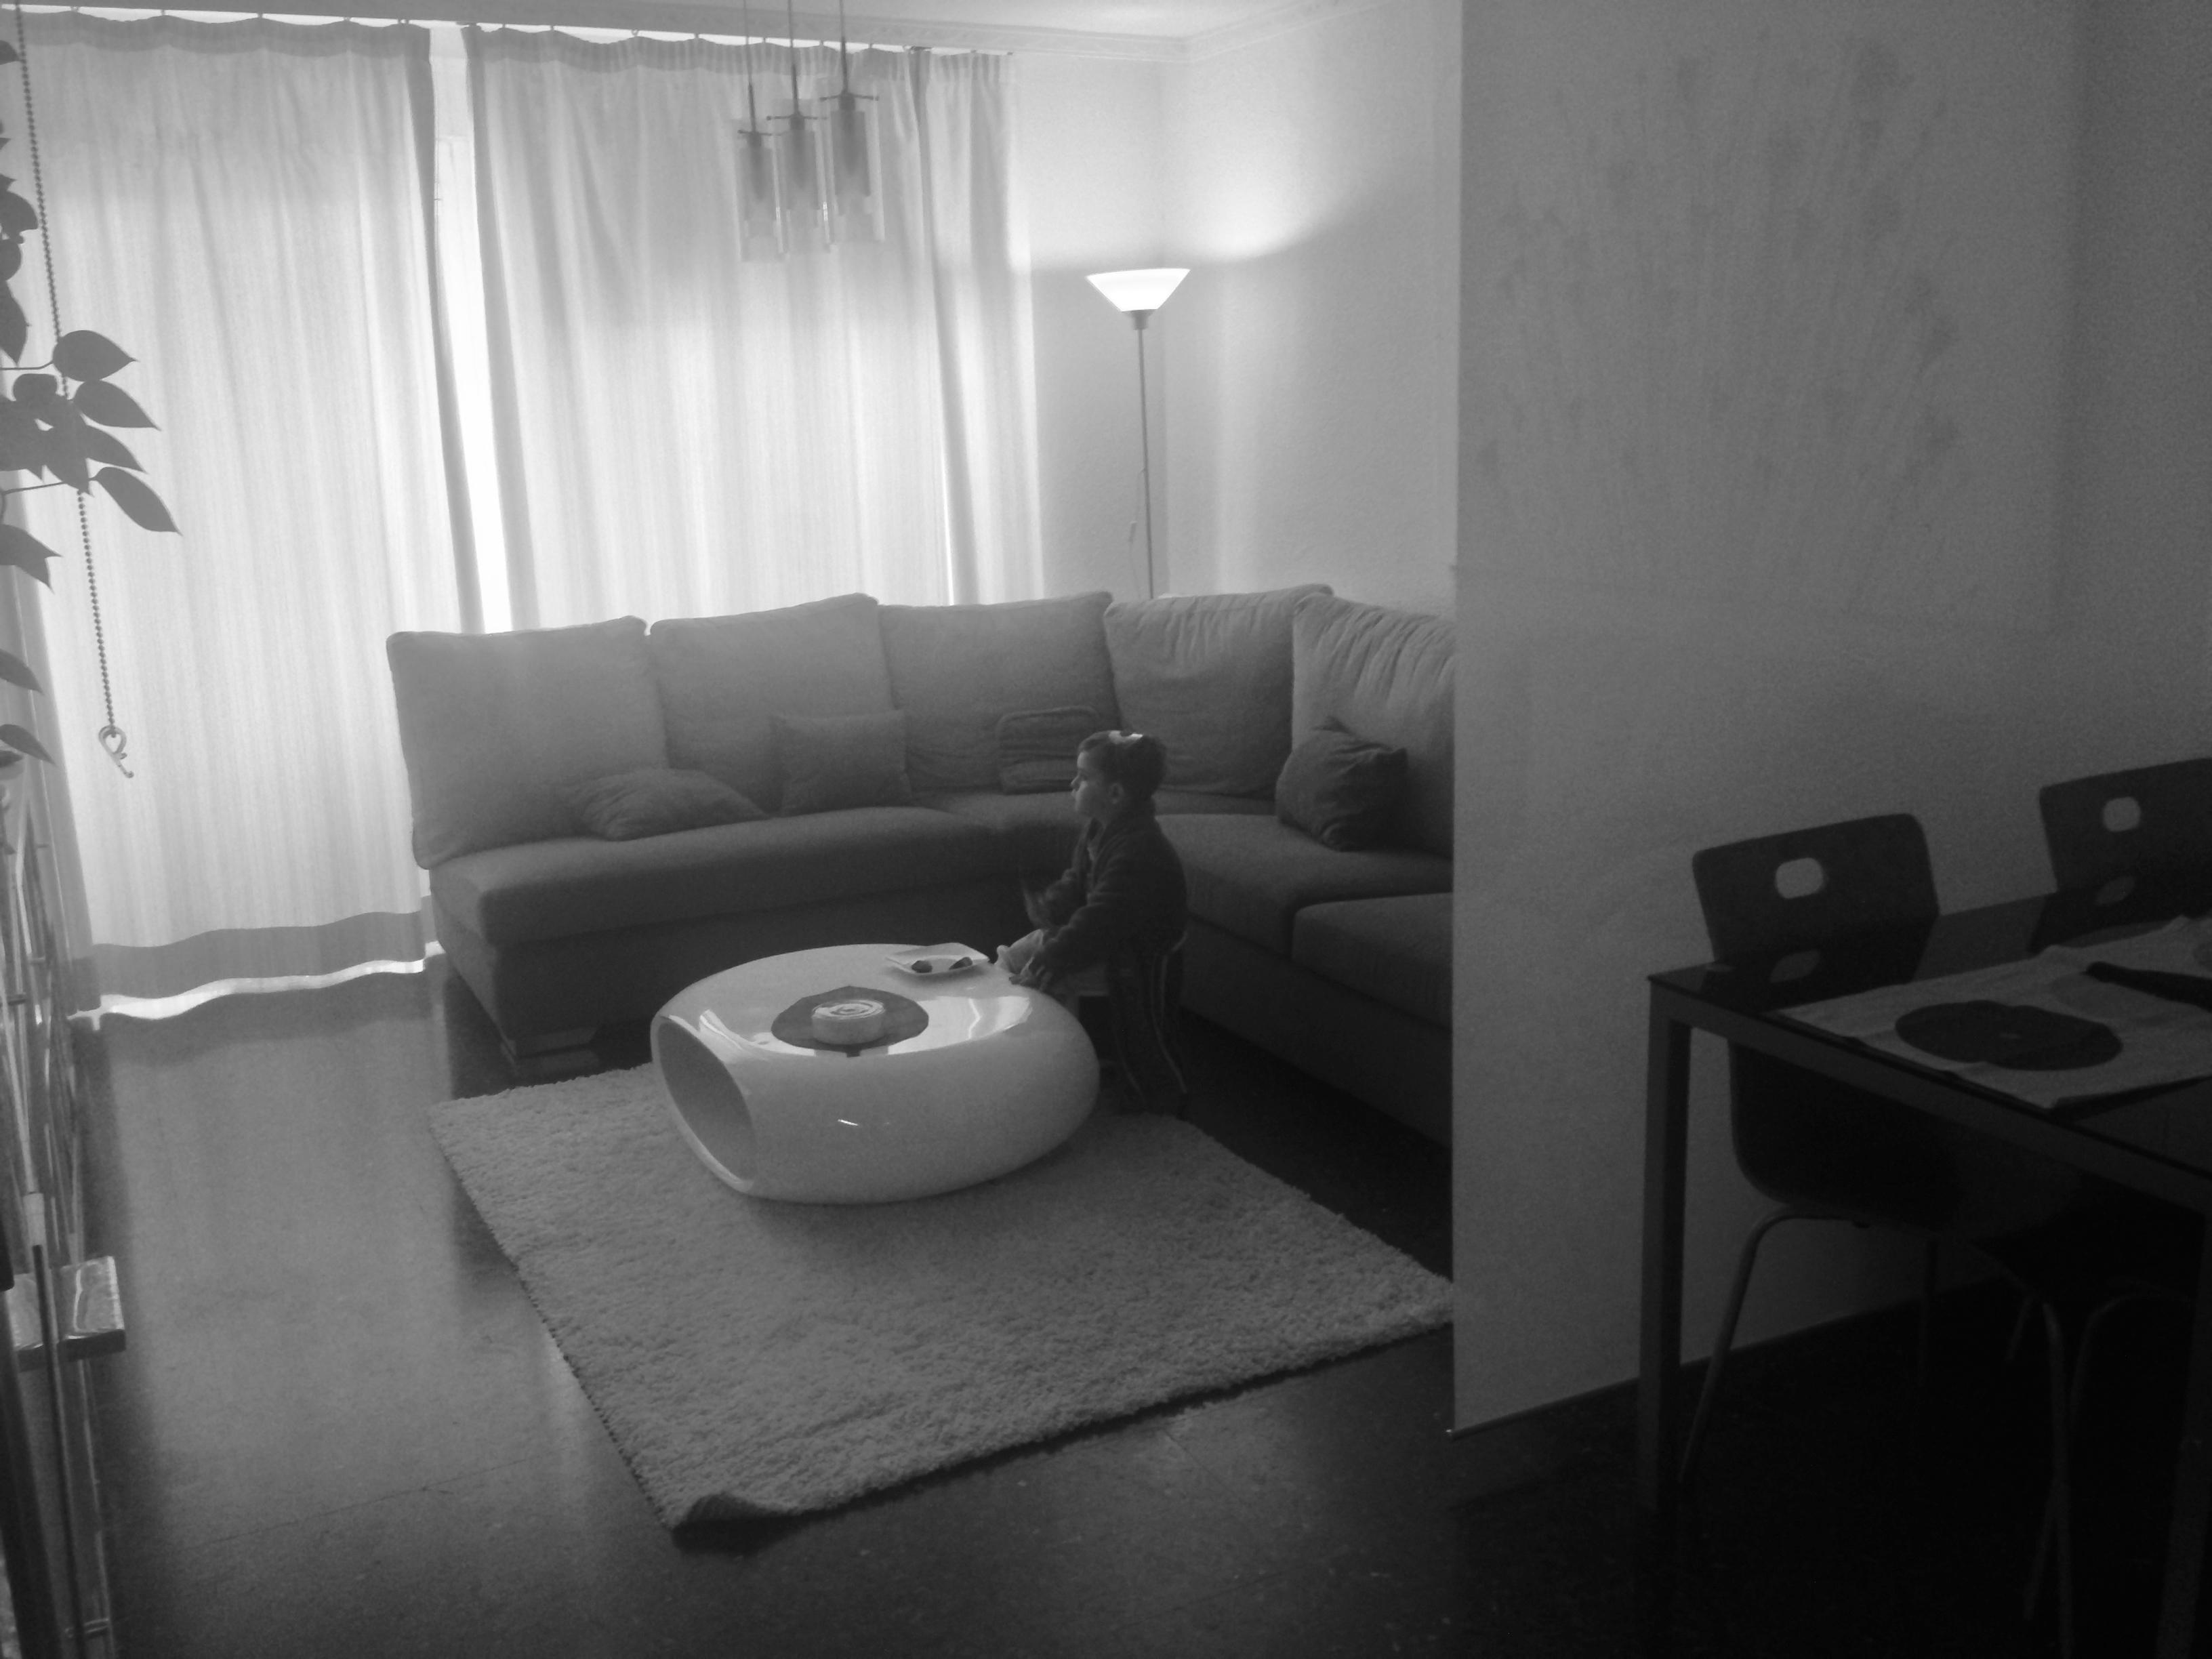 Decoraci n y dise o interior de sal n comedor studio3 for Salon comedor minimalista